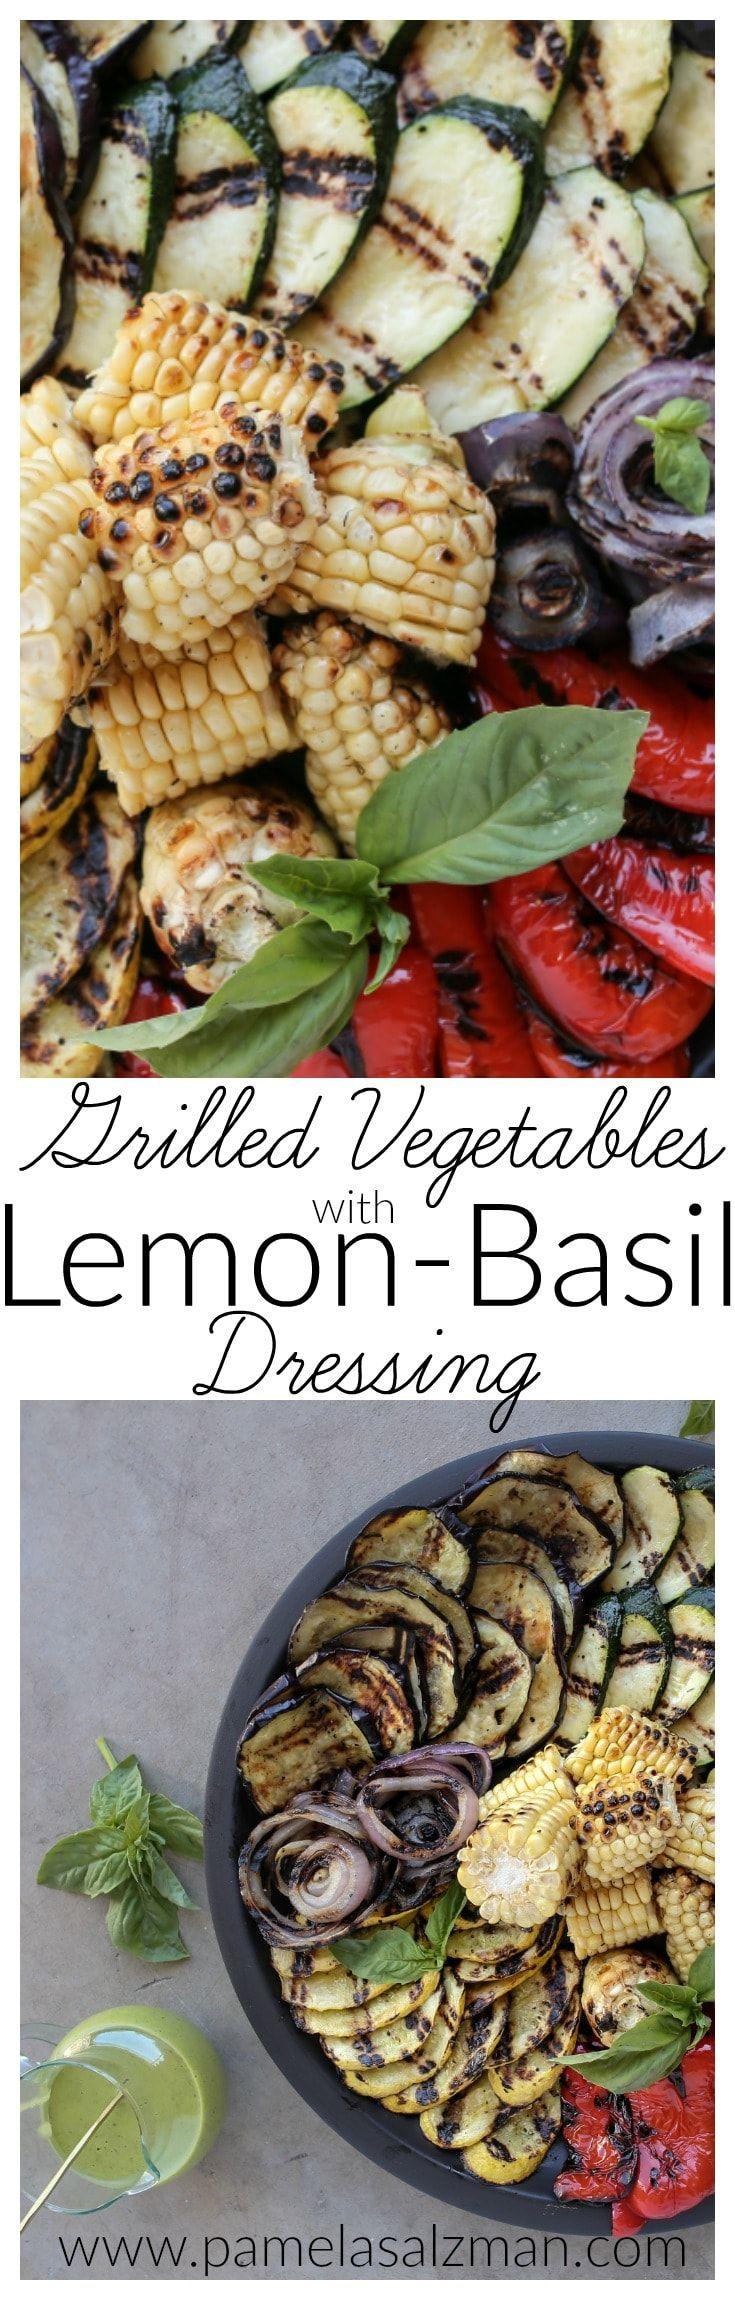 Grilled Vegetables with Lemon-Basil Dressing   Pamela Salzman